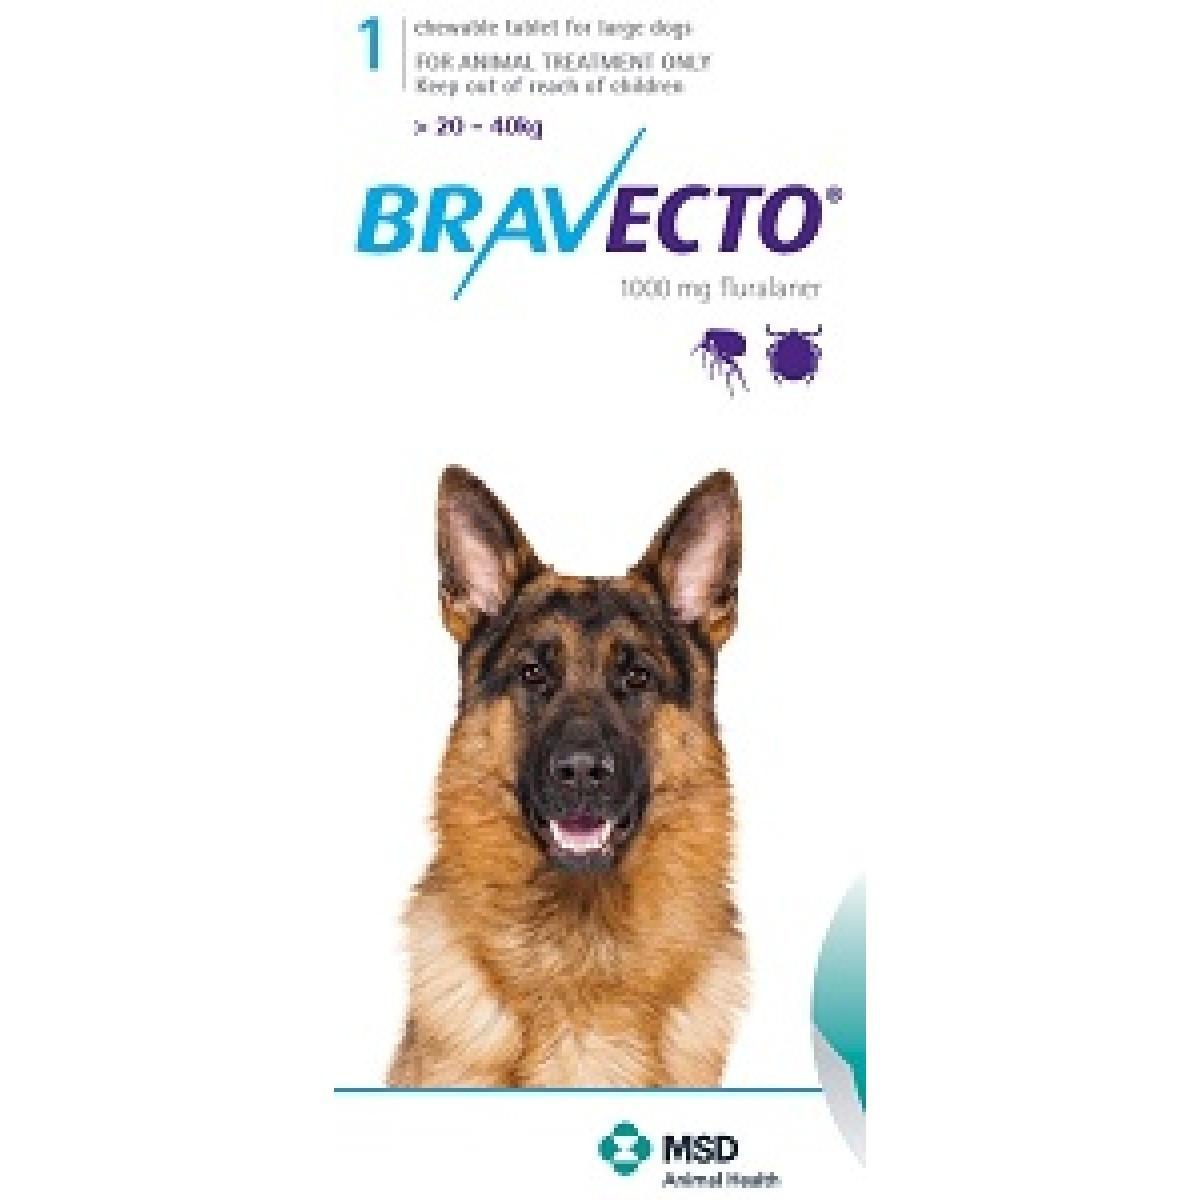 BRAVECTO БРАВЕКТО таблетки от блох и клещей для собак весом от 20 до 40 кг